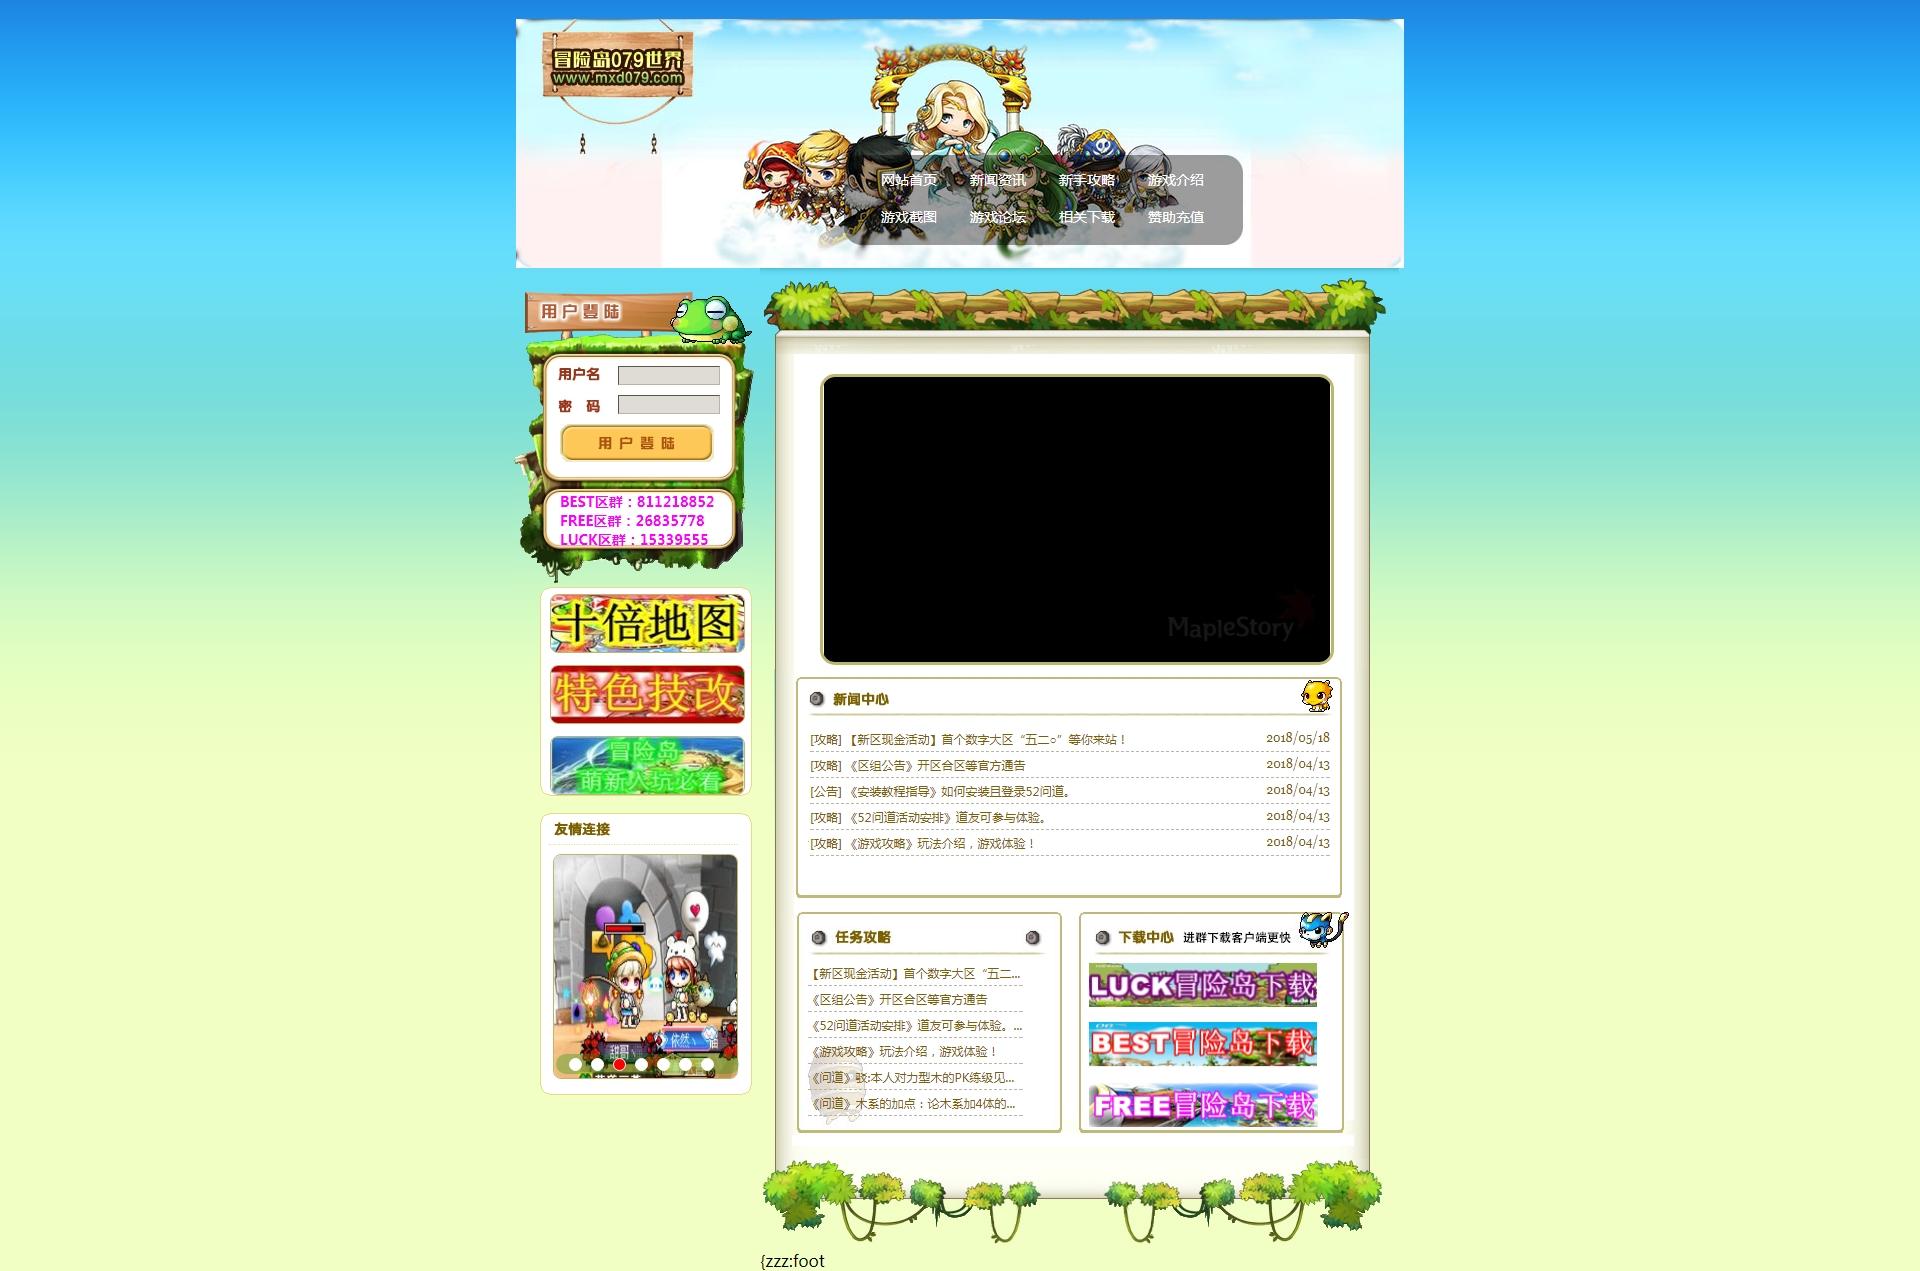 冒险岛网站 游戏传奇网模版ASP神途源码 官网模板带后台